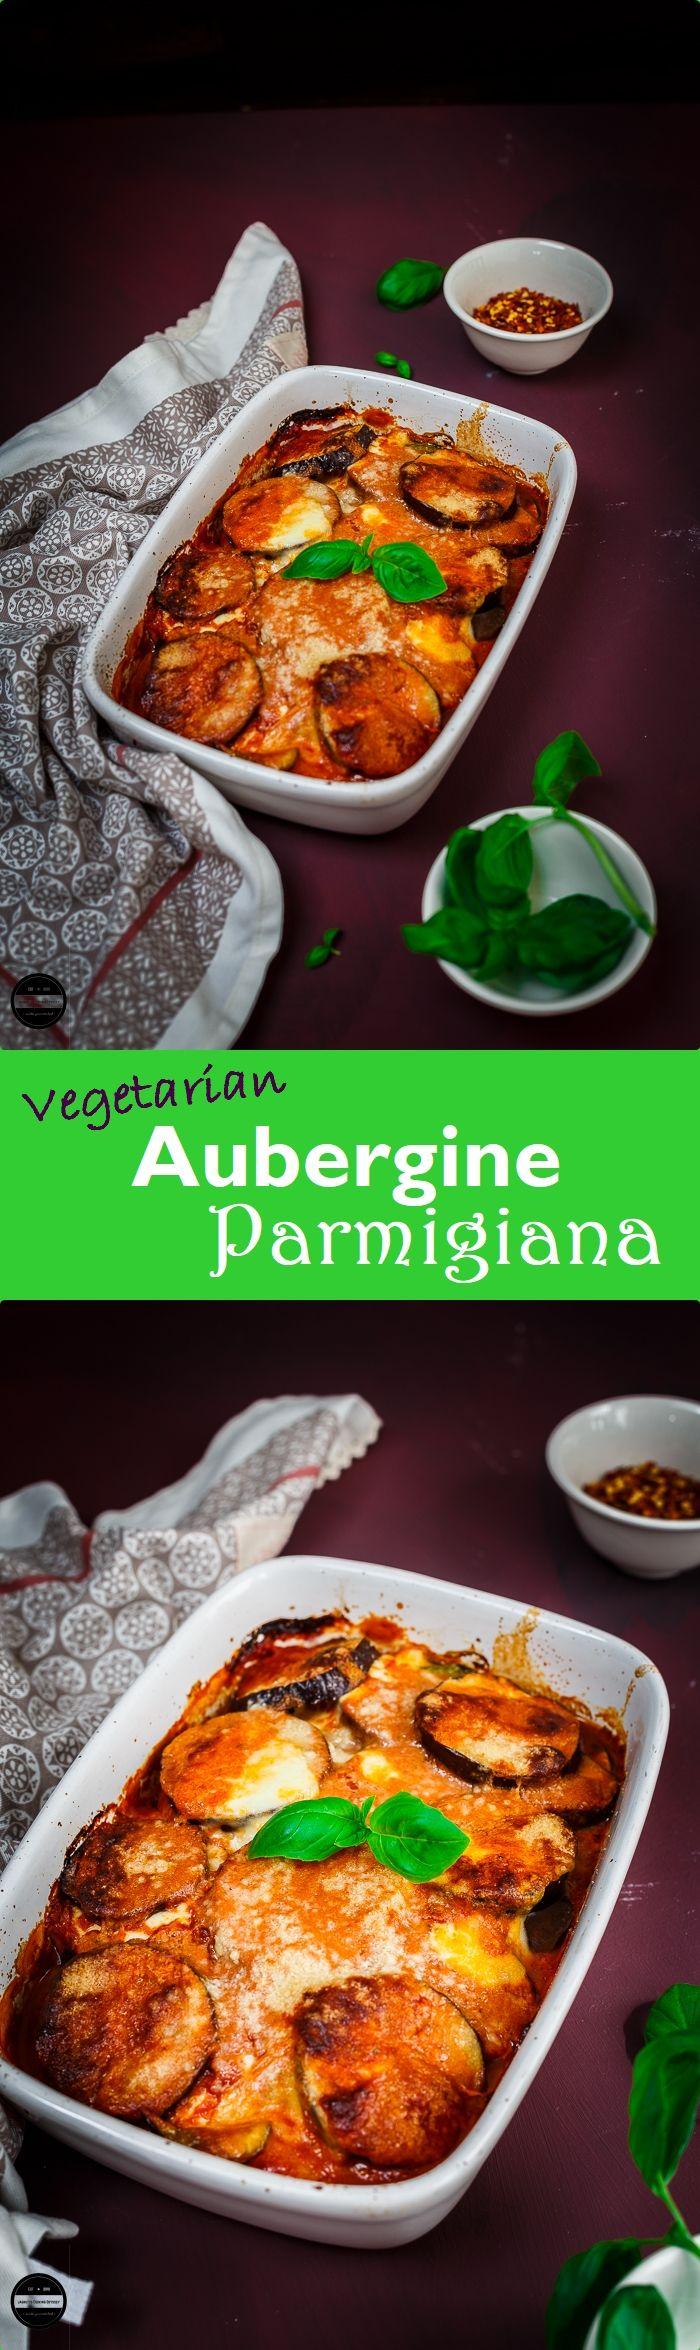 Vegetarian Aubergine Parmigiana